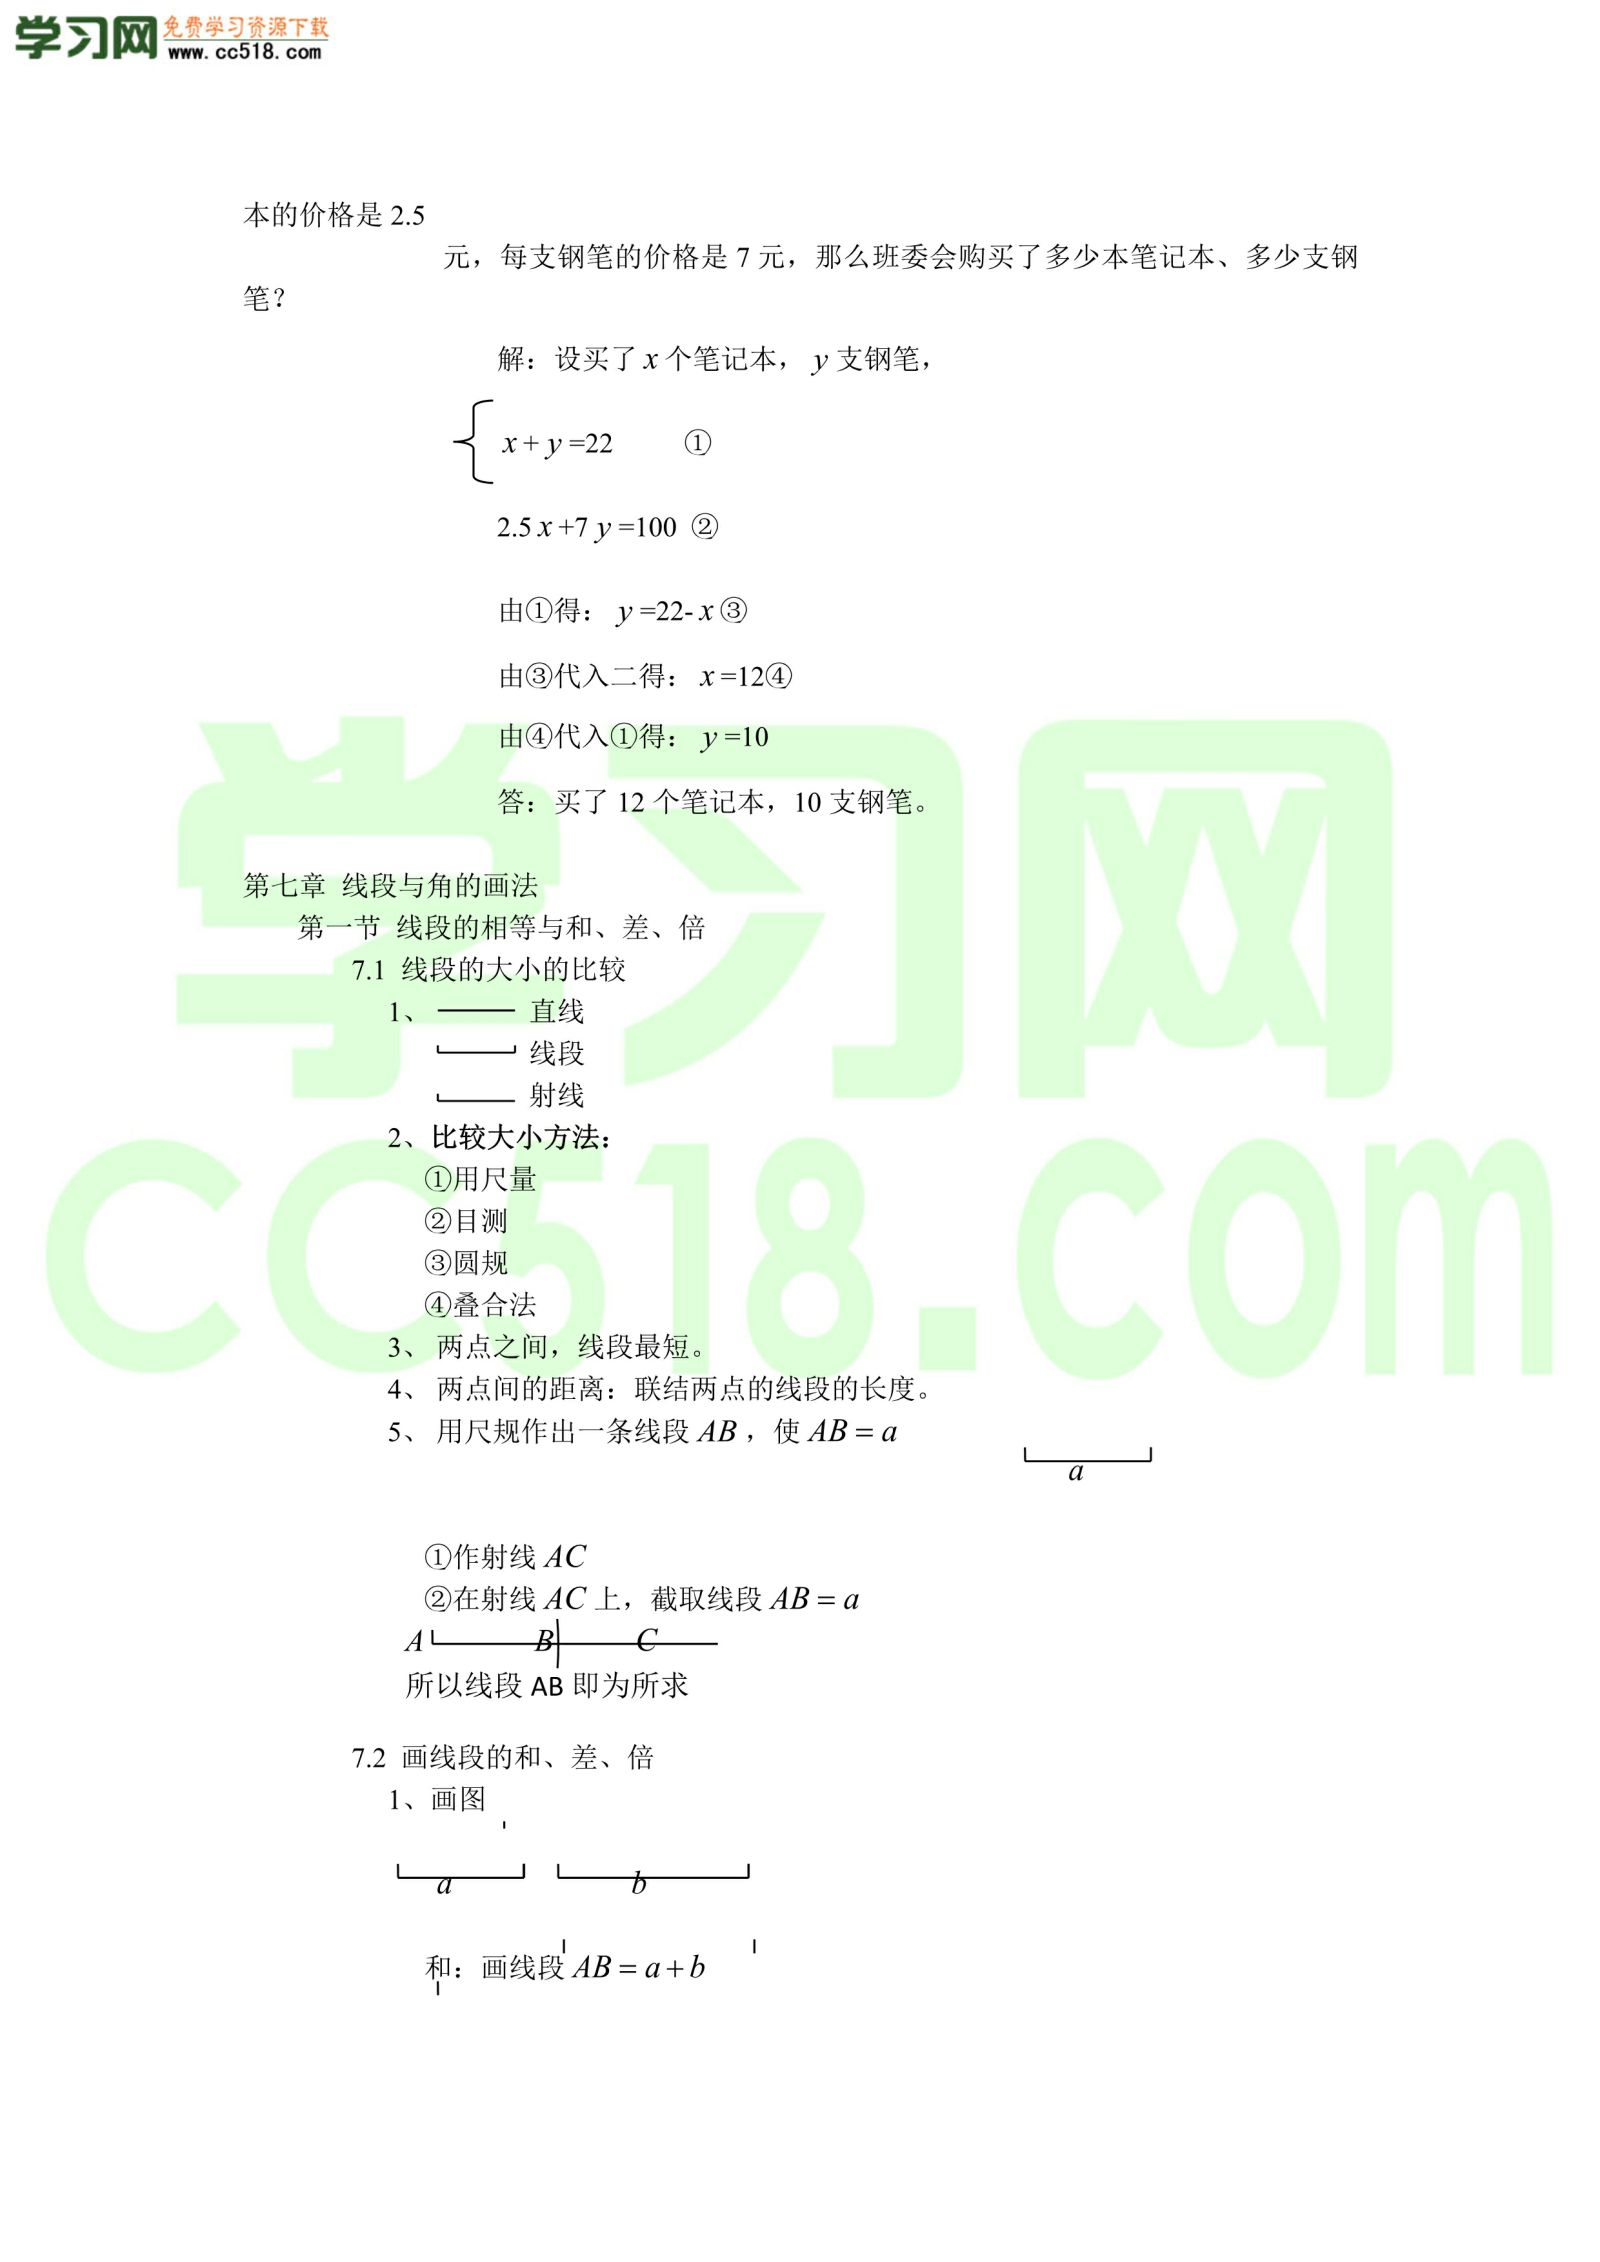 六年级上册数学素材-数学知识汇总(沪教版)